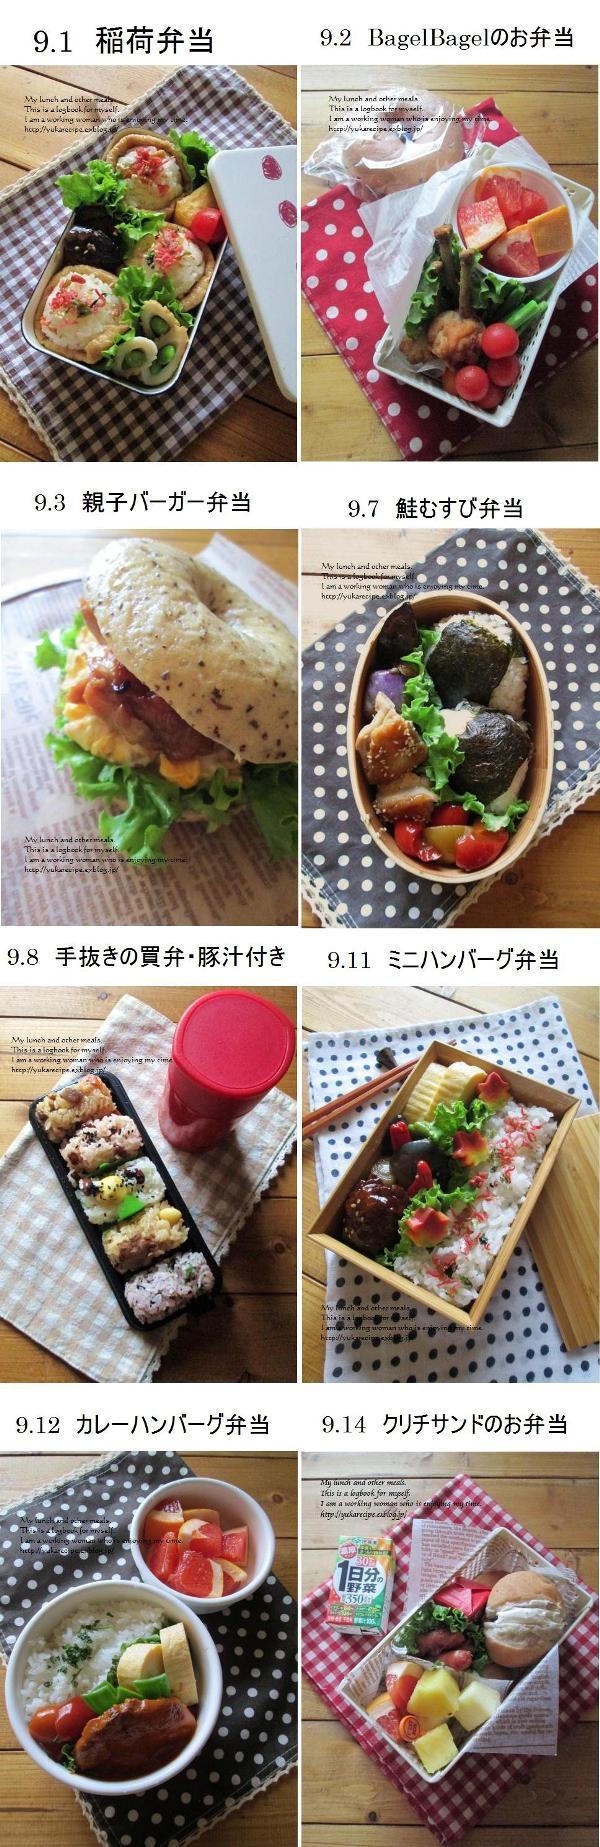 2015年9月のお弁当一覧作りました♪_e0274872_18081233.jpg